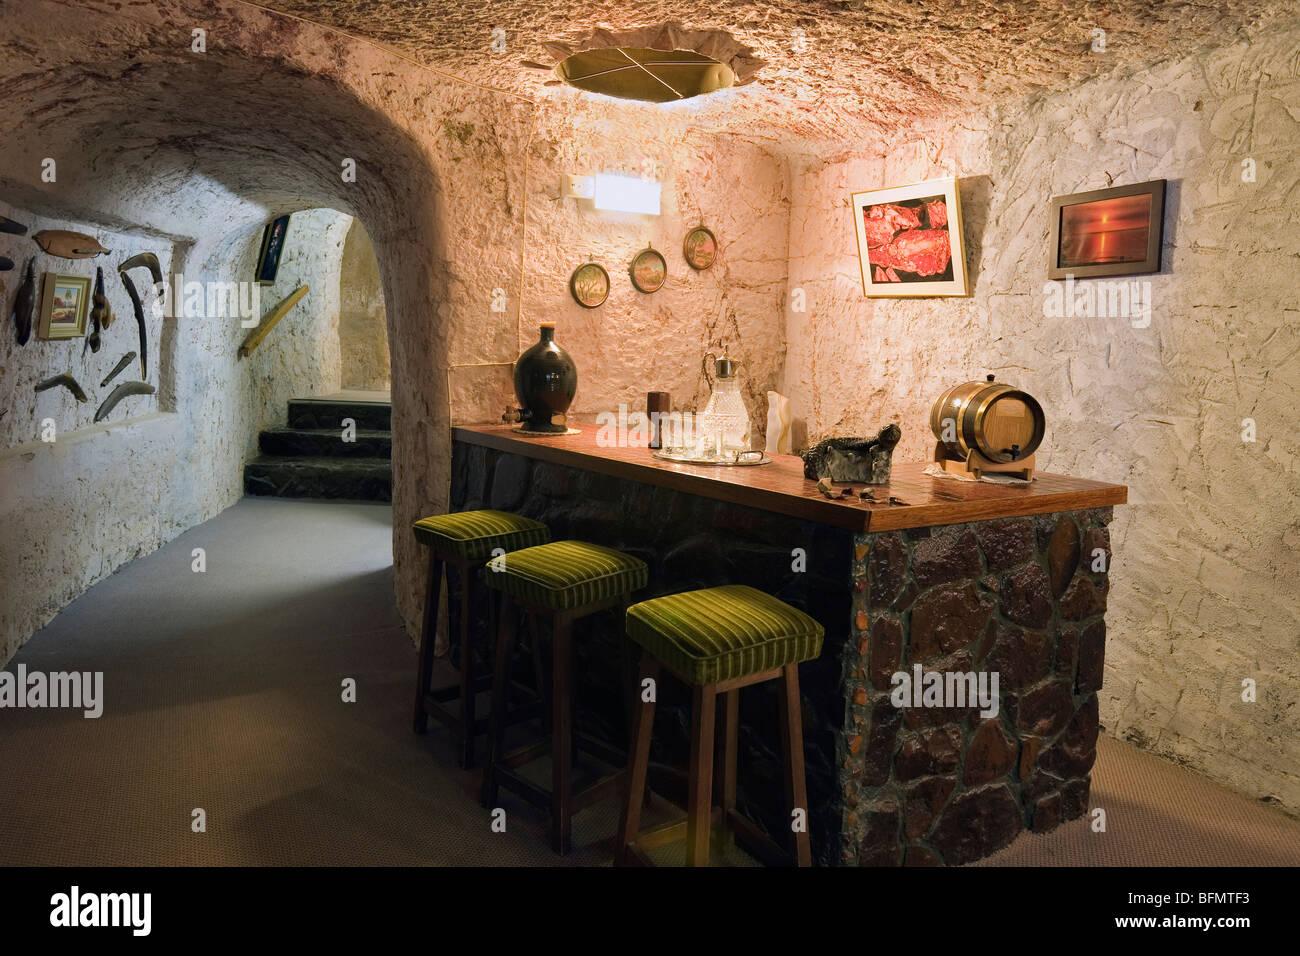 Unforgettable Underground Homes Afudesigncouk - Unforgettable underground homes